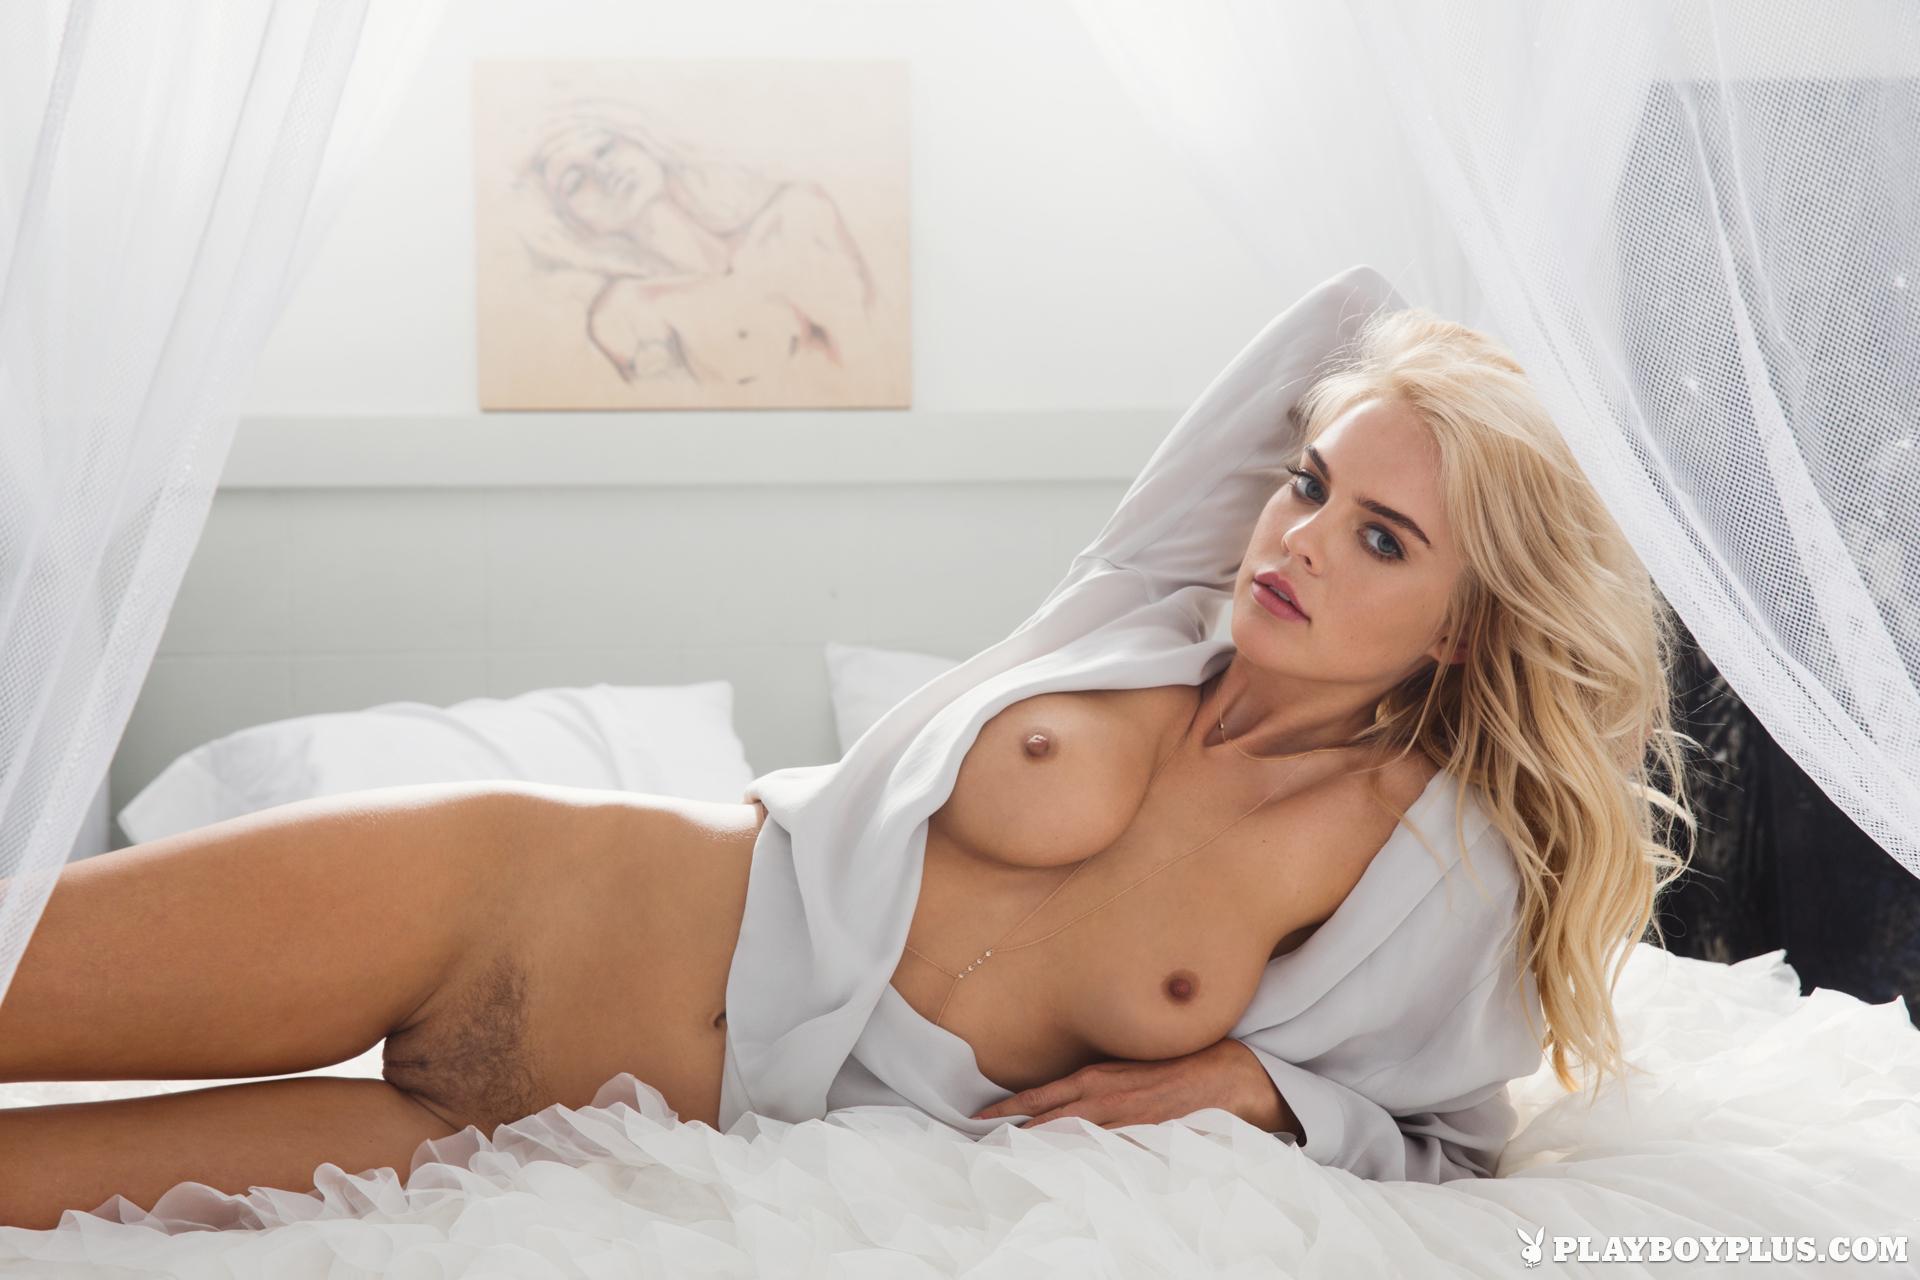 Sarah meier nude 11